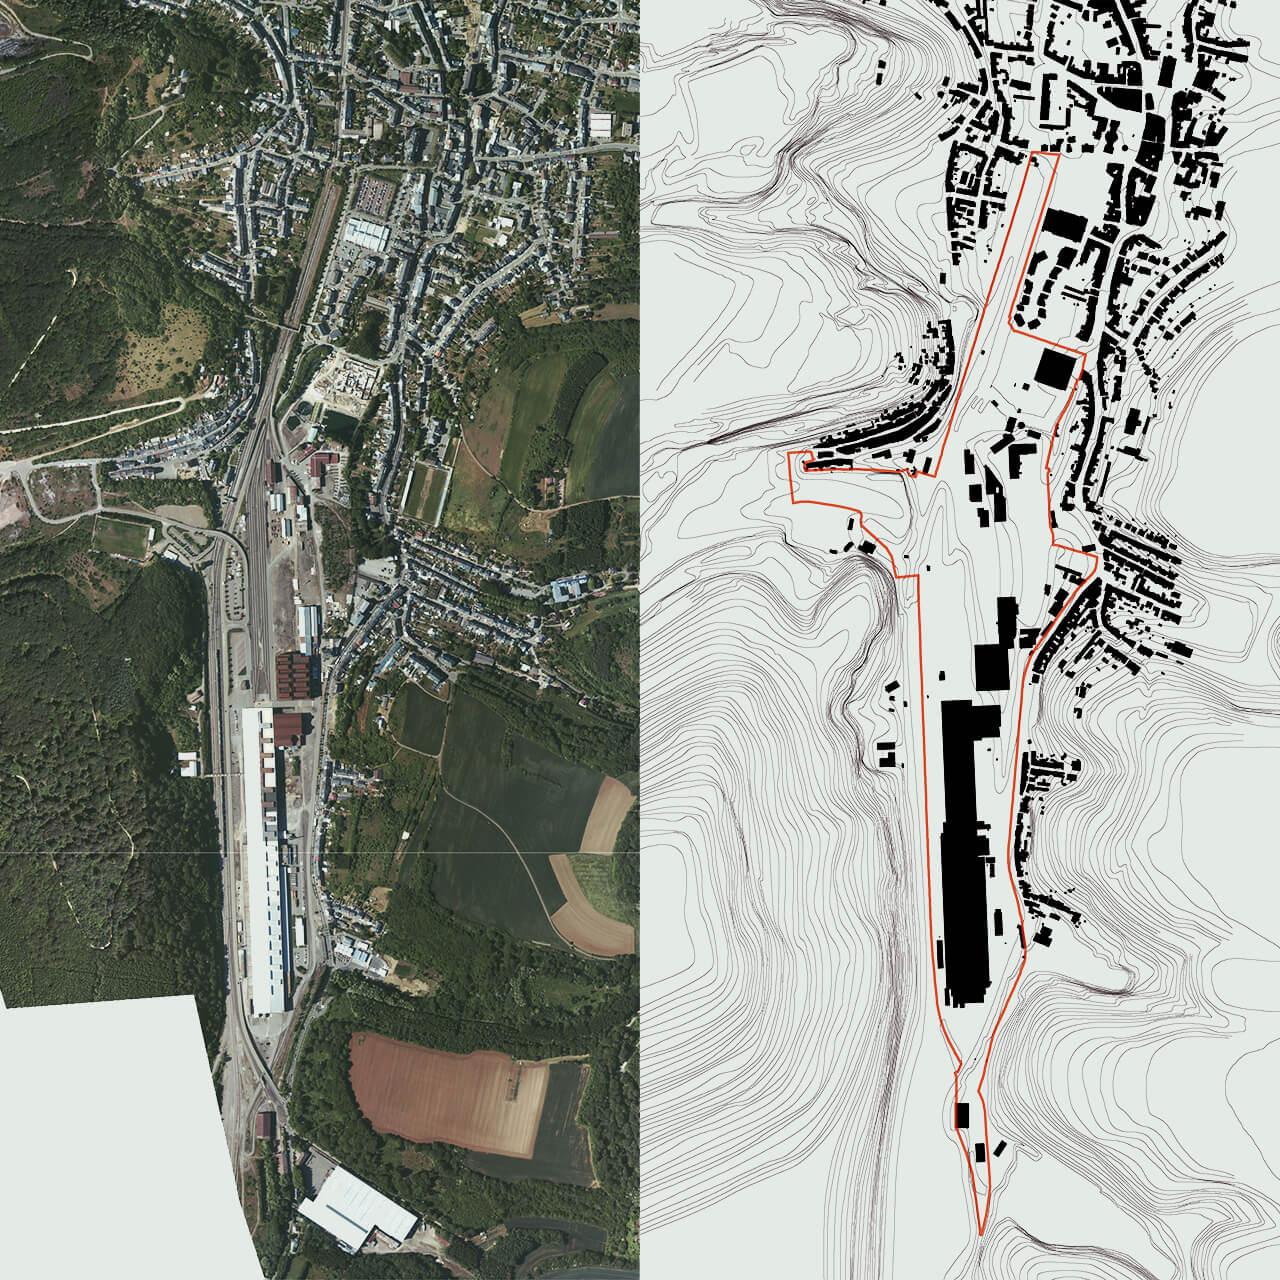 Coordination Neischmelz, Luftbild, Schwarzplan Plangebiet